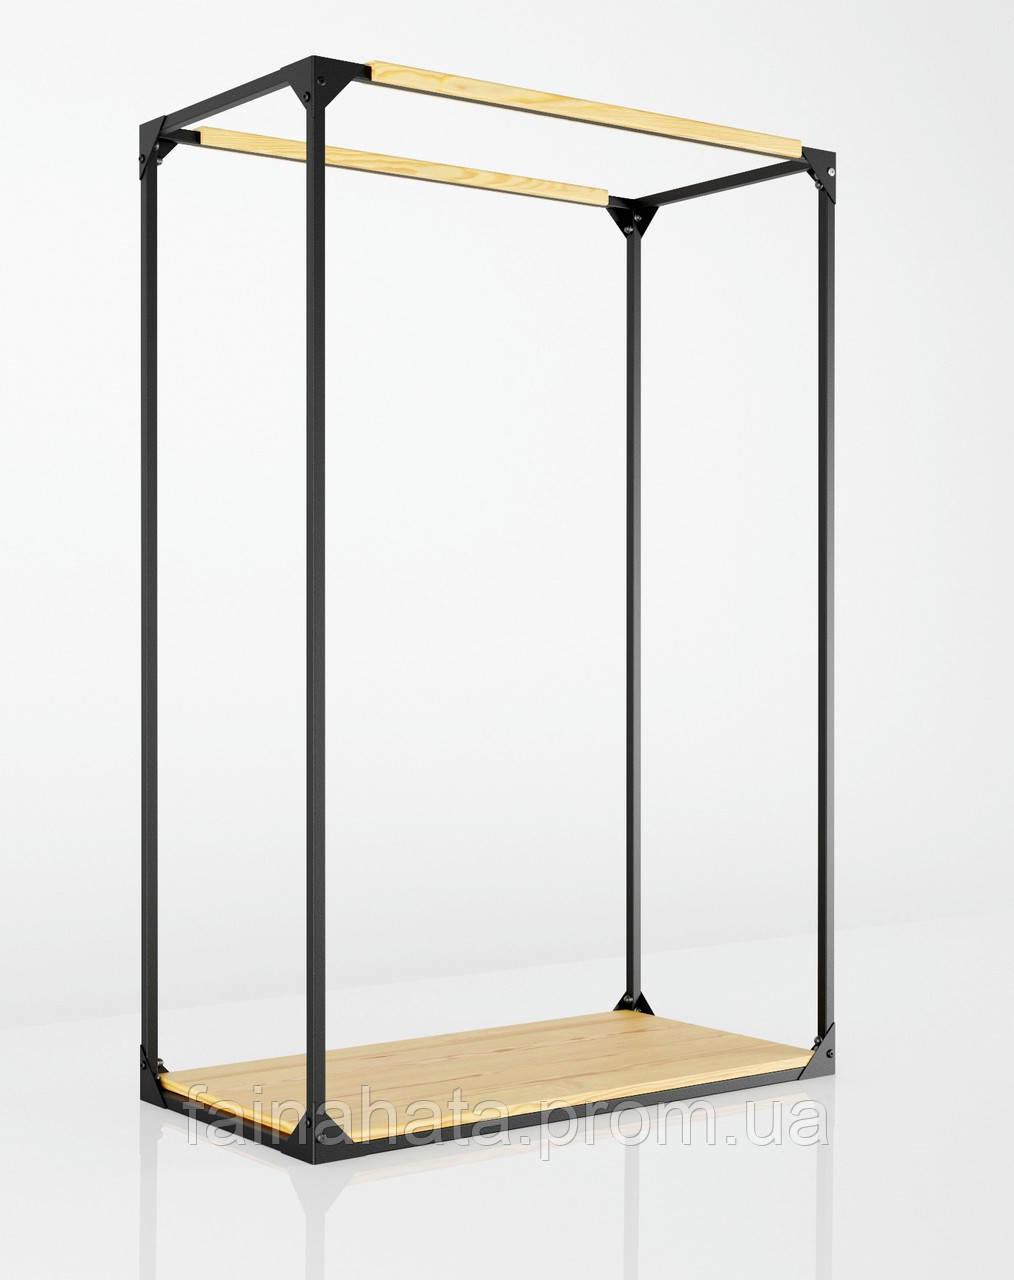 5fc73b06df5 Торговое оборудование в стиле LOFT для шоу-рума - Интернет-магазин мебели  для дома